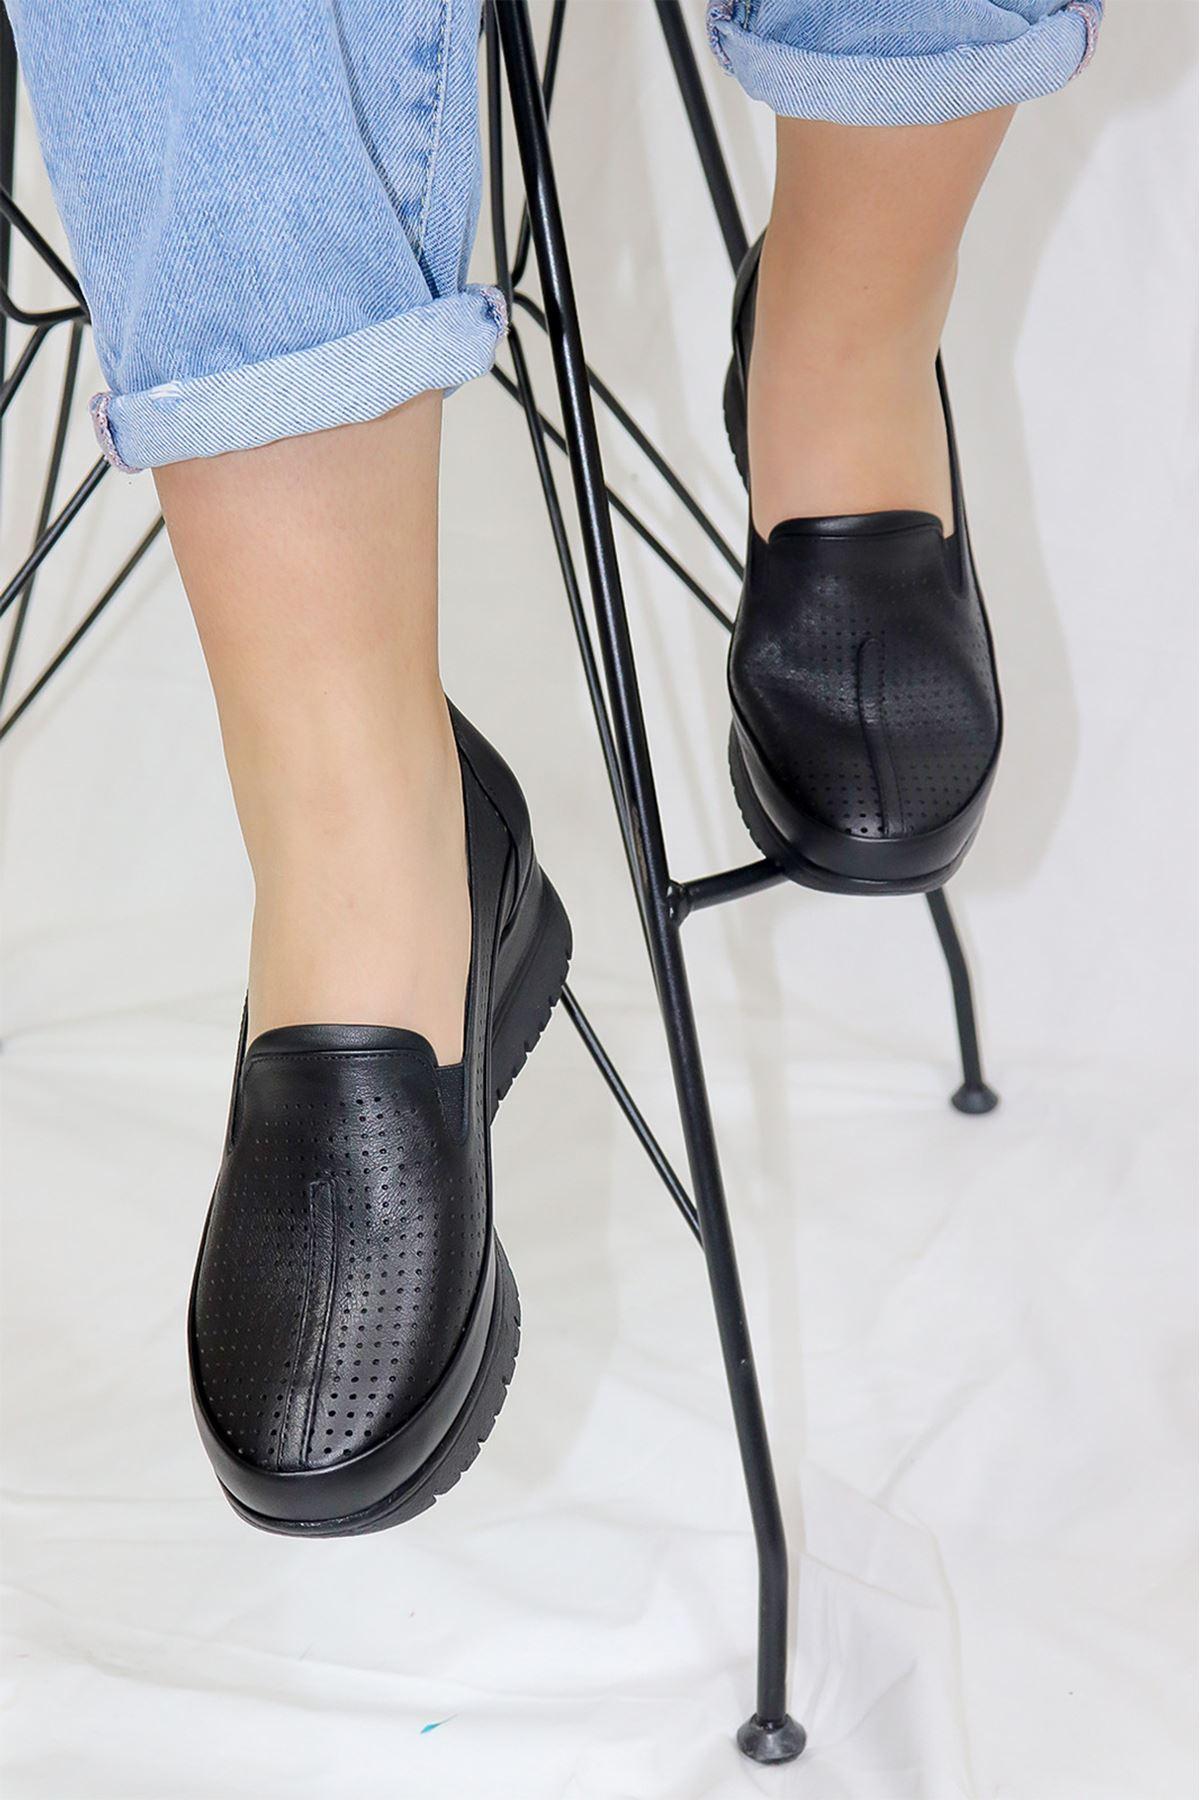 Mammamia - D21YA - 3250-B Siyah Kadın Ayakkabısı